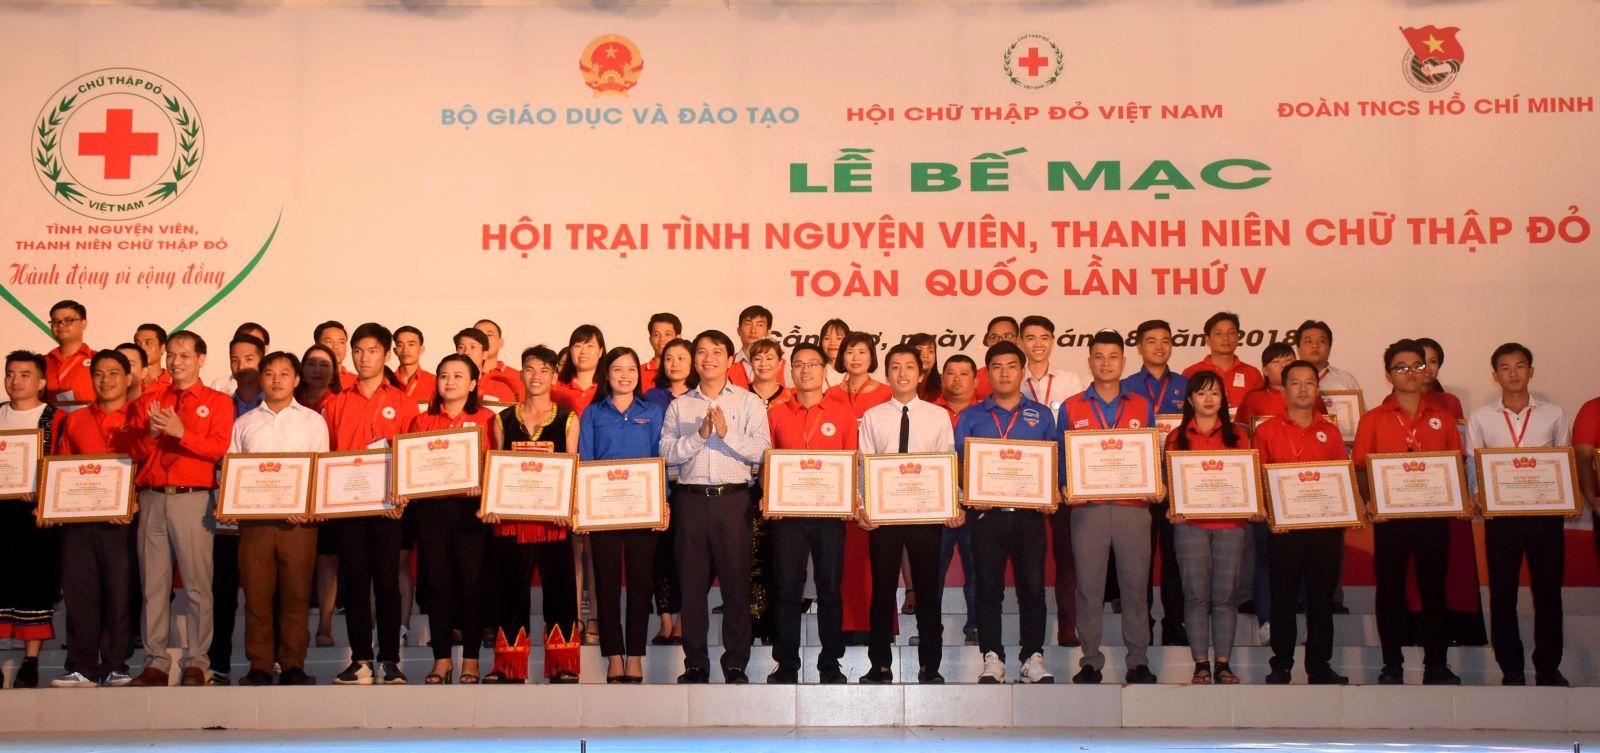 Lãnh đạo Trung ương Đoàn Thanh niên Cộng sản Hồ Chí Minh và Trung ương Hội CTĐ Việt Nam trao Bằng khen của Trung ương Đoàn cho 60 TNV tiêu biểu toàn quốc. Ảnh: X.Đào